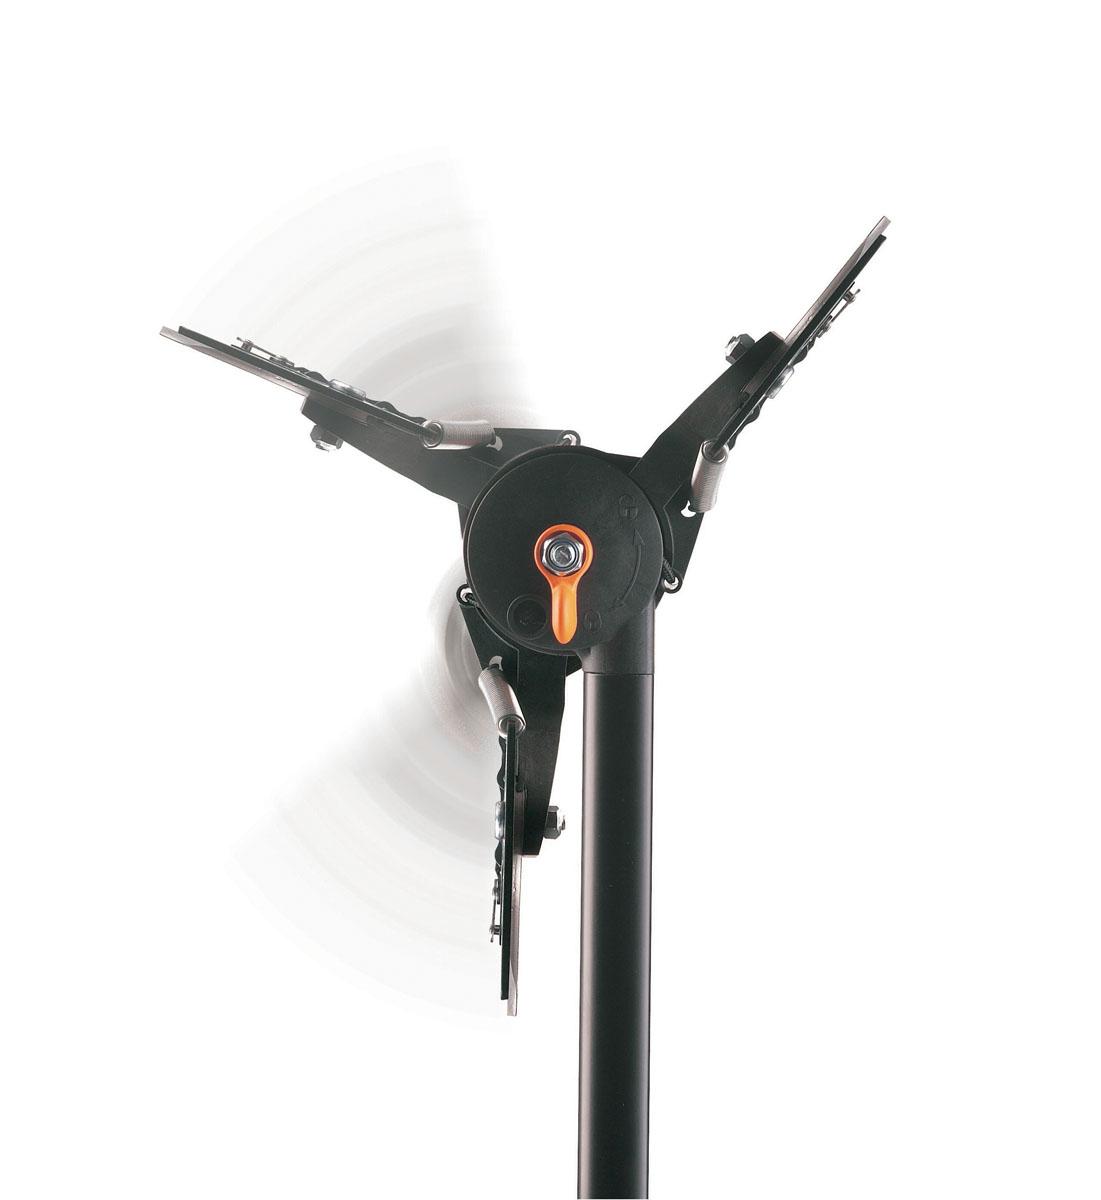 Сучкорез удлиненный Fiskars, вертикальный диапазон 3,5 м, рез 32 мм115360Сучкорез Fiskars сконструирован таким образом, чтобы доставать как низко, так и высоко расположенные ветви. С помощью этого инструмента Вы легко обойдетесь без лестницы даже в самых труднодоступных участках. Режущий механизм создает усилие, которого достаточно, чтобы перерезать даже самые жесткие ветви без дополнительных усилий. Для обеспечения максимальной маневренности режущая головка может поворачиваться на 230 градусов, так, чтобы ее положение наилучшим образом подходило для работы. Особенности сучкореза: Вертикальный рабочий диапазон 3,5 метра. Регулируемый угол режущей головки (до 230°). Длинная штанга позволяет осуществлять подрезку в труднодоступных местах с безопасной устойчивой позиции. Эффективный механизм PowerReel облегчает подрезку в 12 раз. Надежный механизм блокировки. Плоскостная техника подрезки для работы с сырой древесиной.